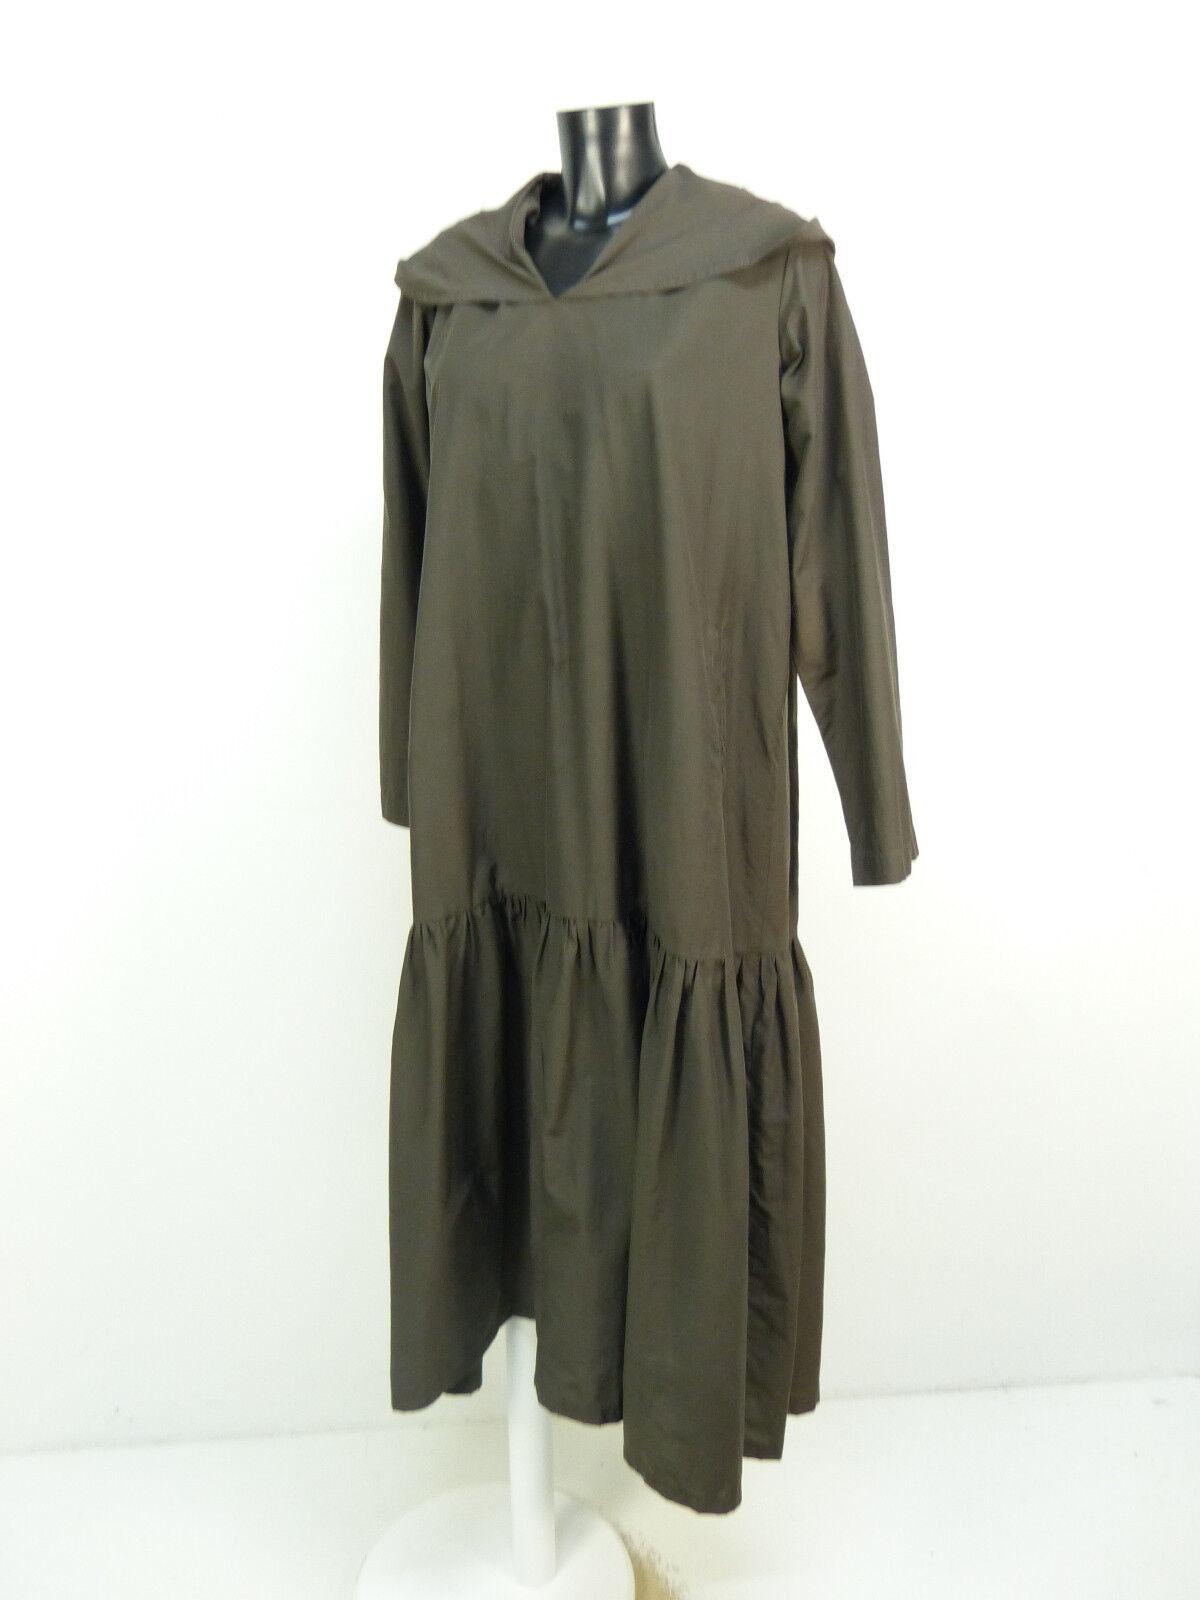 Sponsorizziamo Moritz abito abito abito taglia s Marronee & lusso allo stato puro (L 9909) 630765